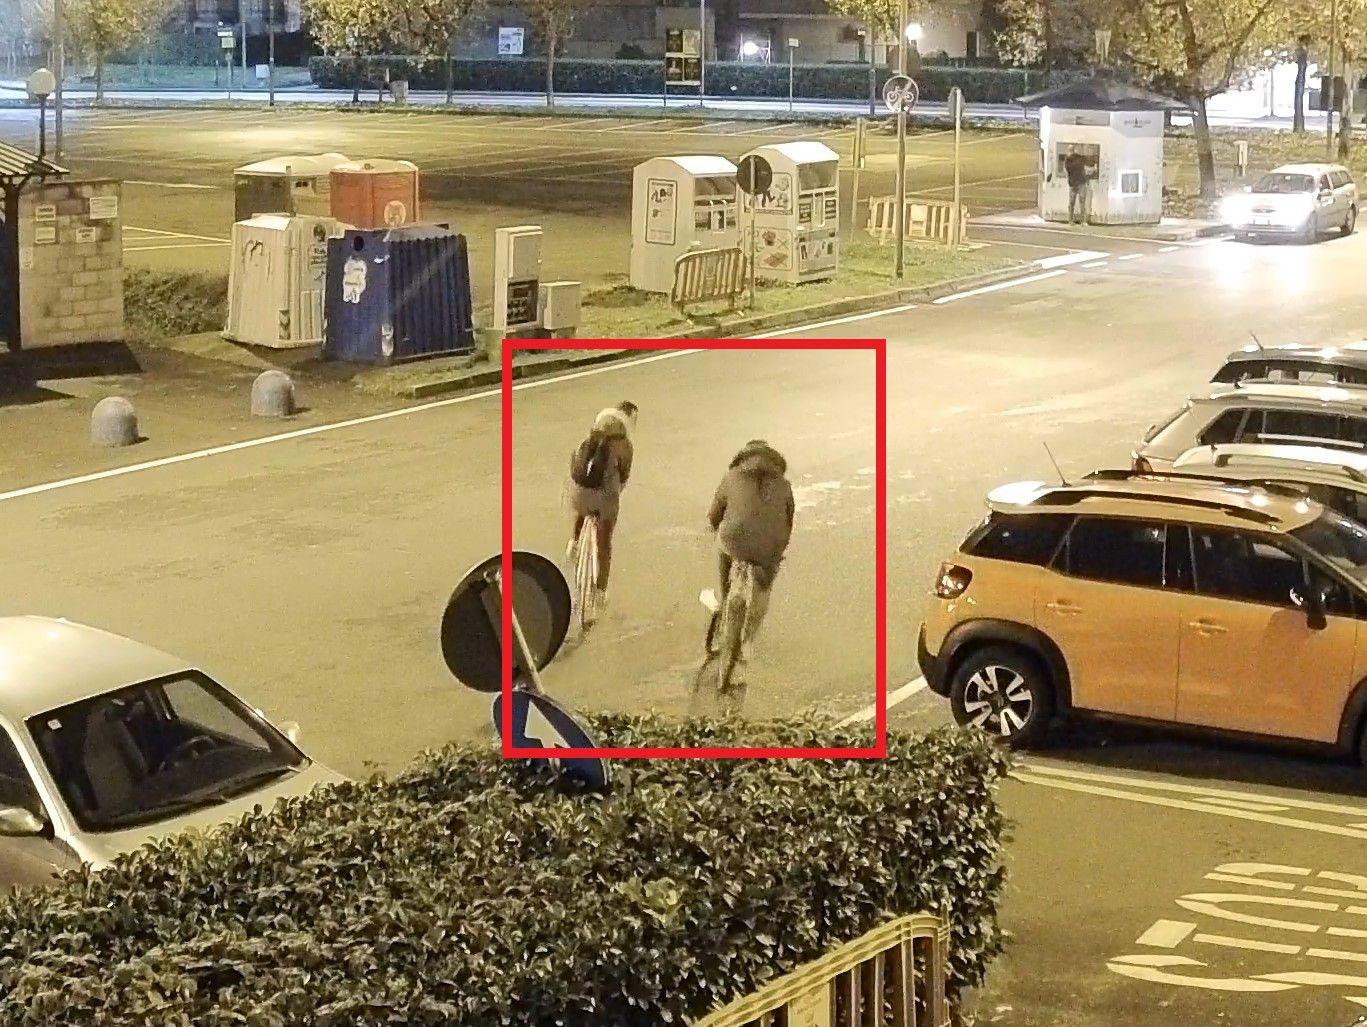 BORGARO - Rubano una bici ma vengono ripresi dalle telecamere